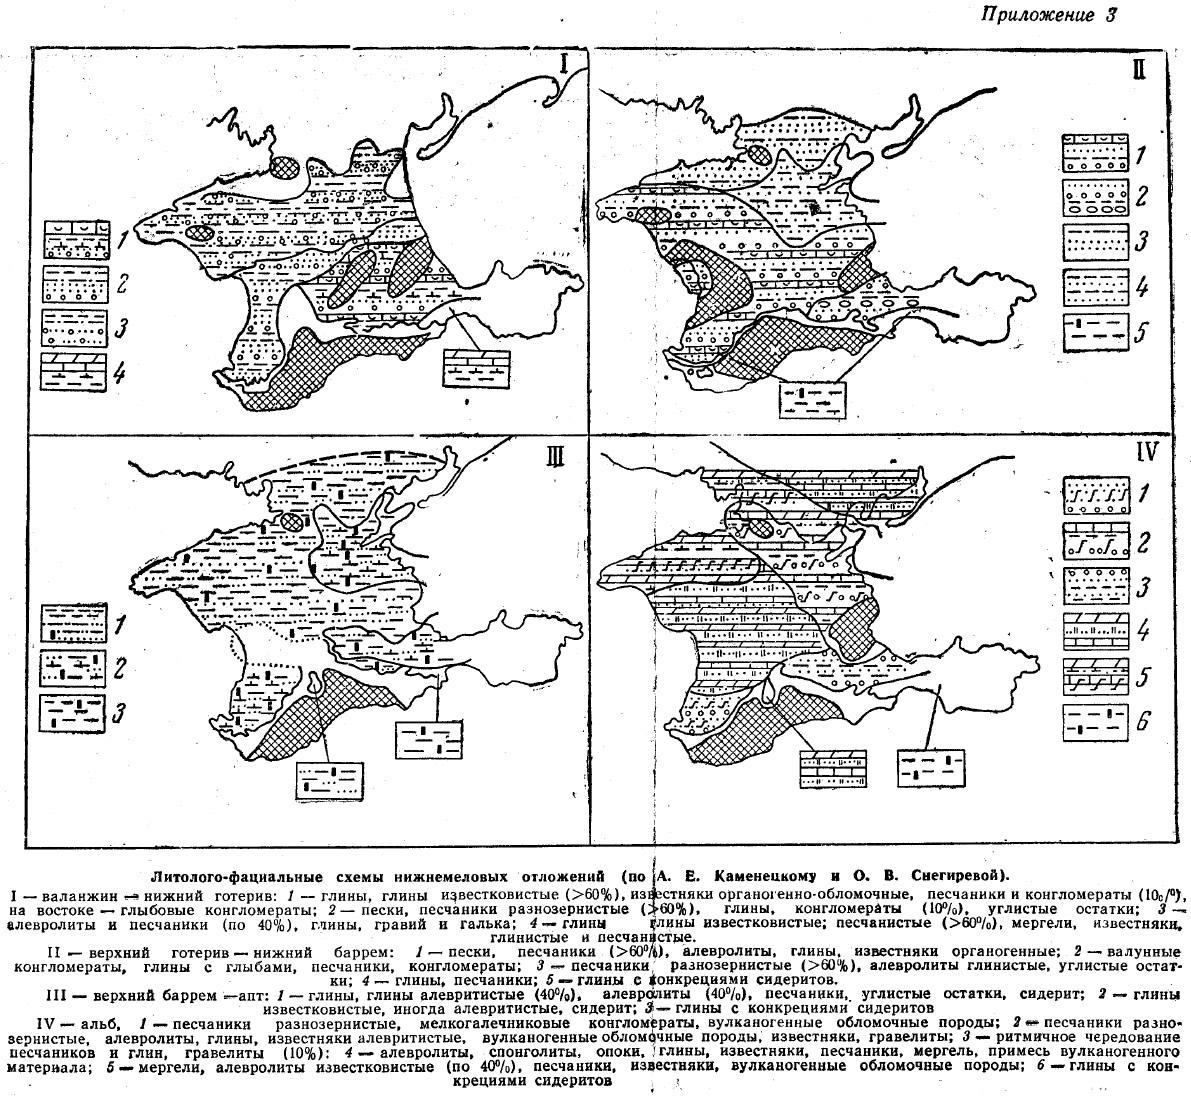 Прил. 3. Литолого-фациальные схемы нижнемеловых отложений